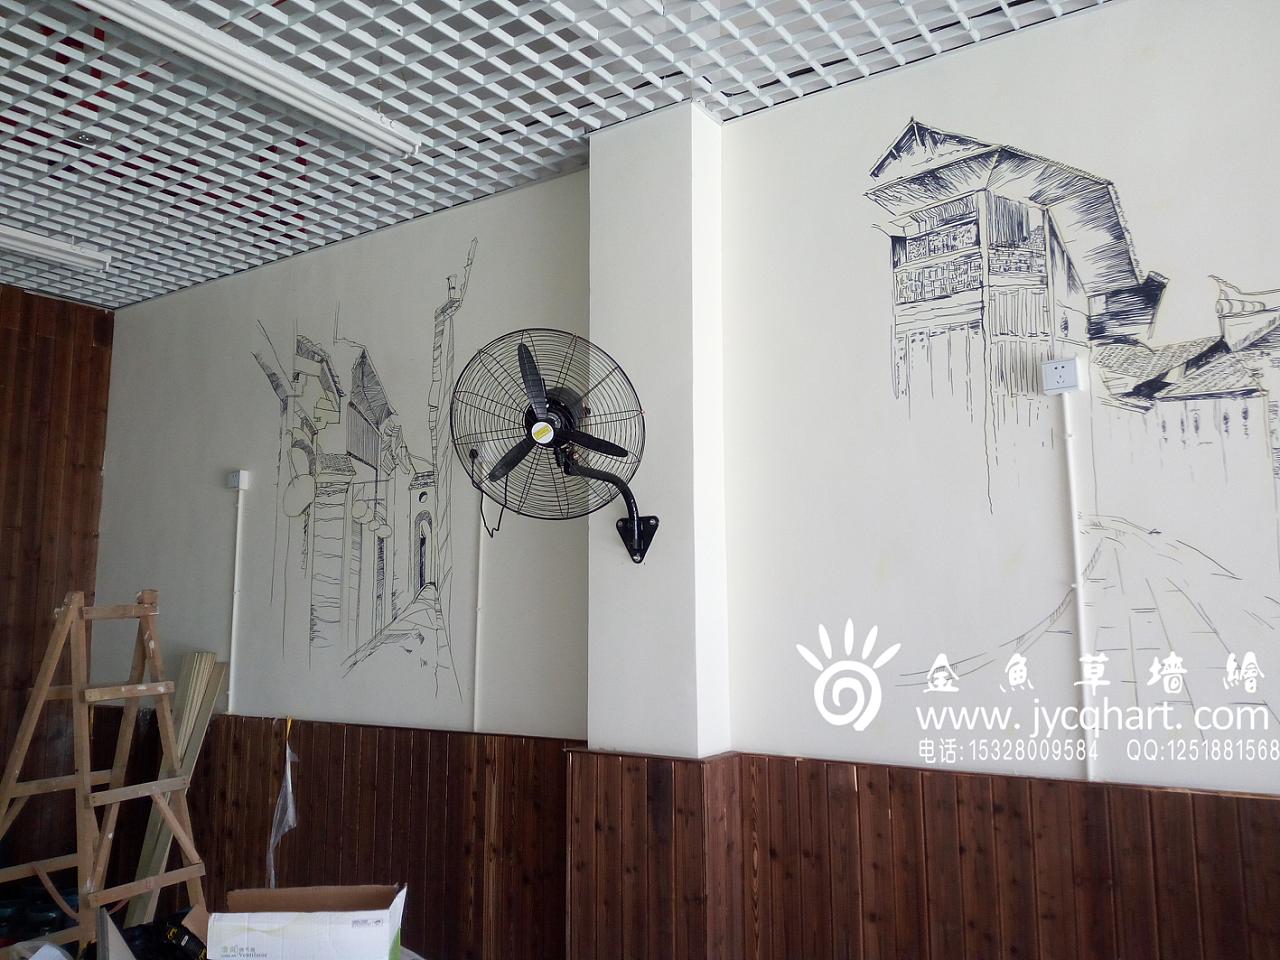 火锅店墙绘,火锅串串墙绘,墙绘,手绘,插画